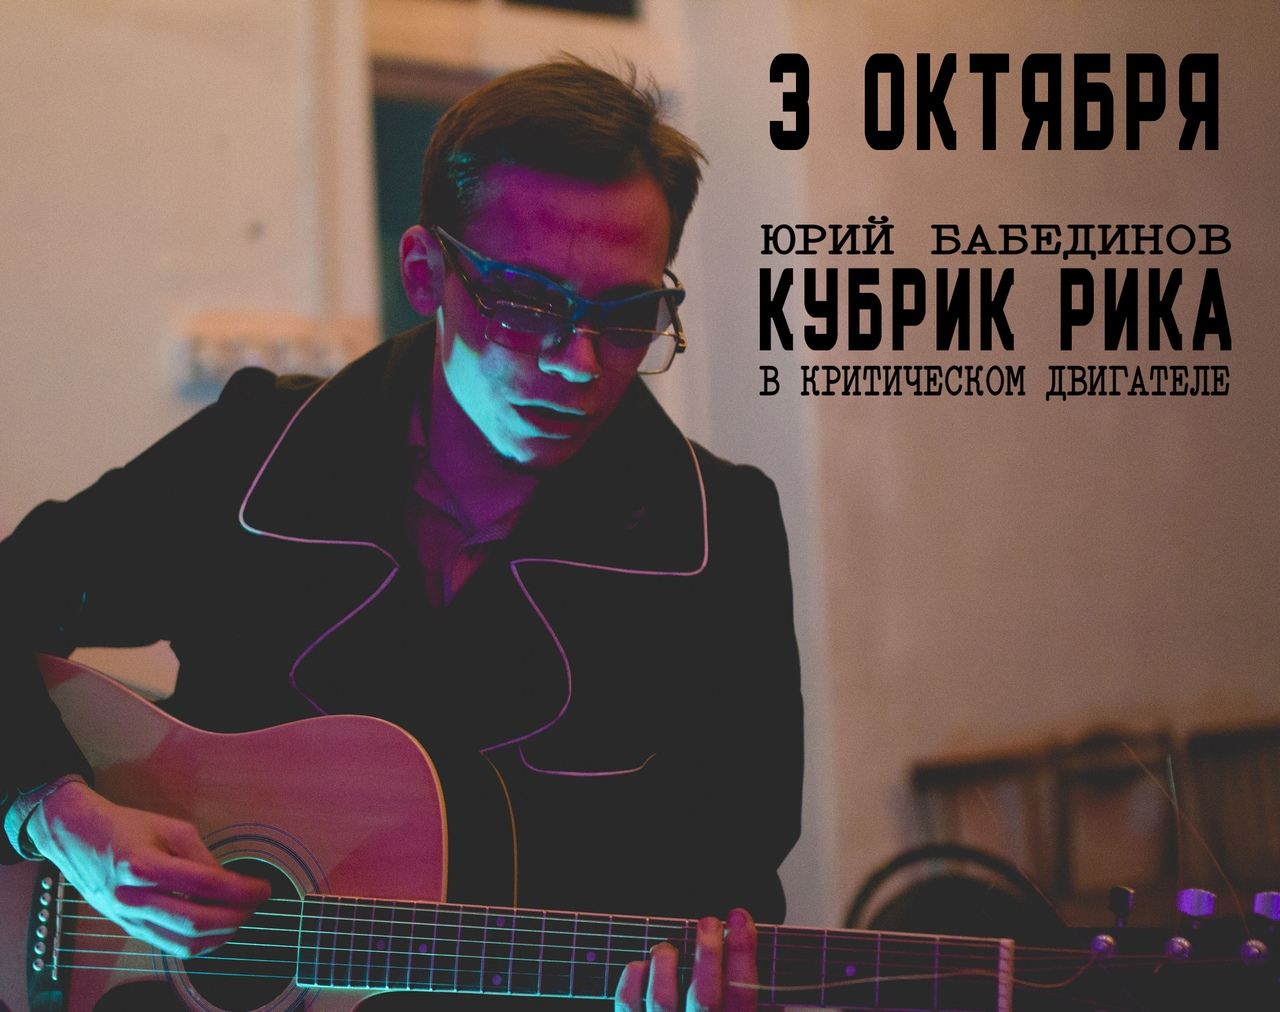 Афиша Кубрик Рика / Квартирник 3 октября